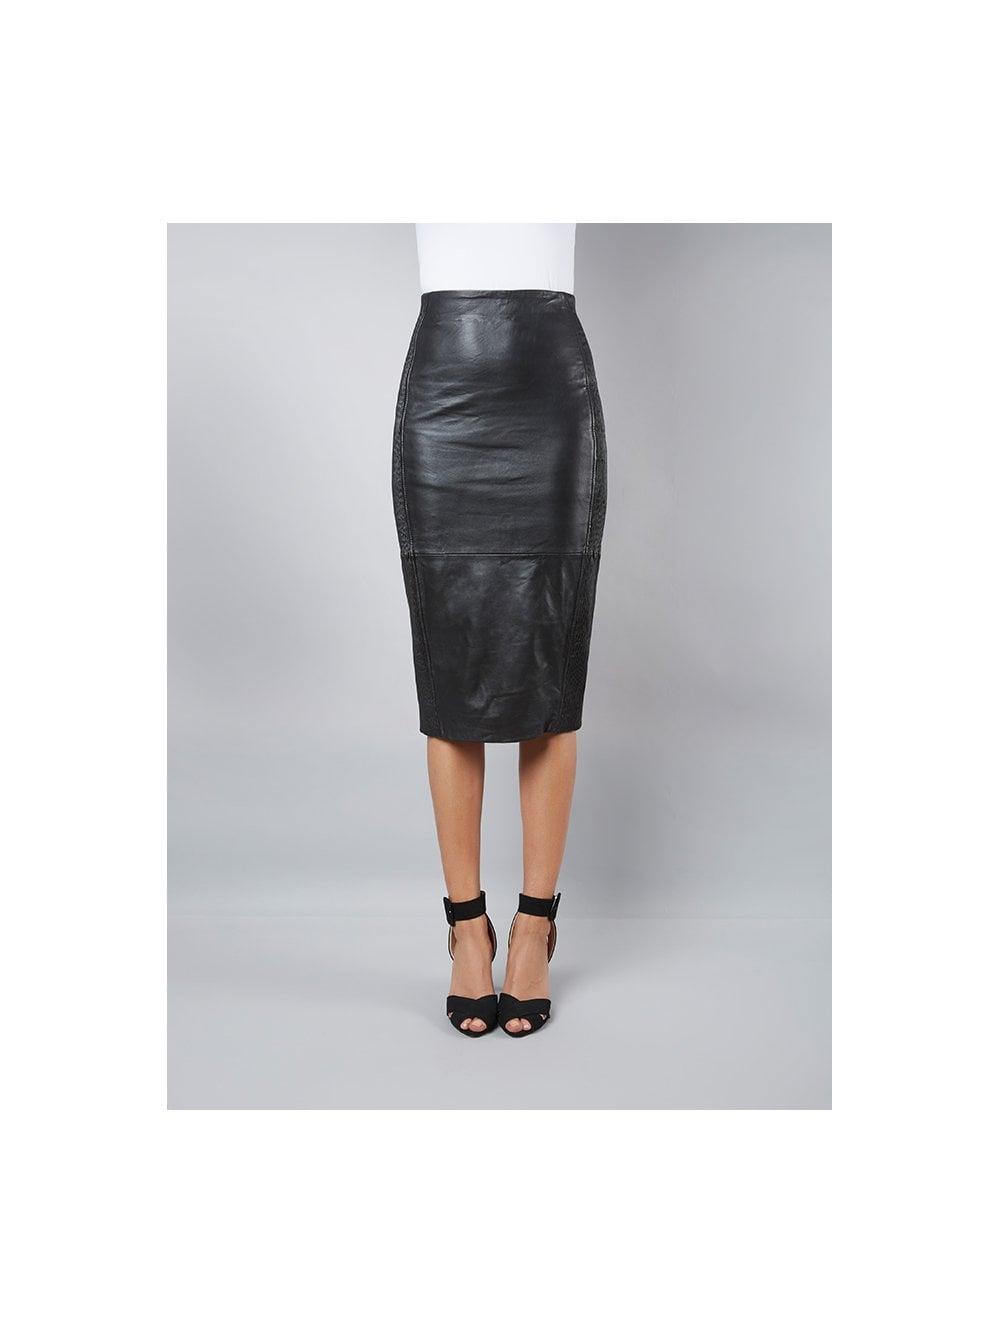 a6ca6b49f Jowett Black Leather Pencil Skirt